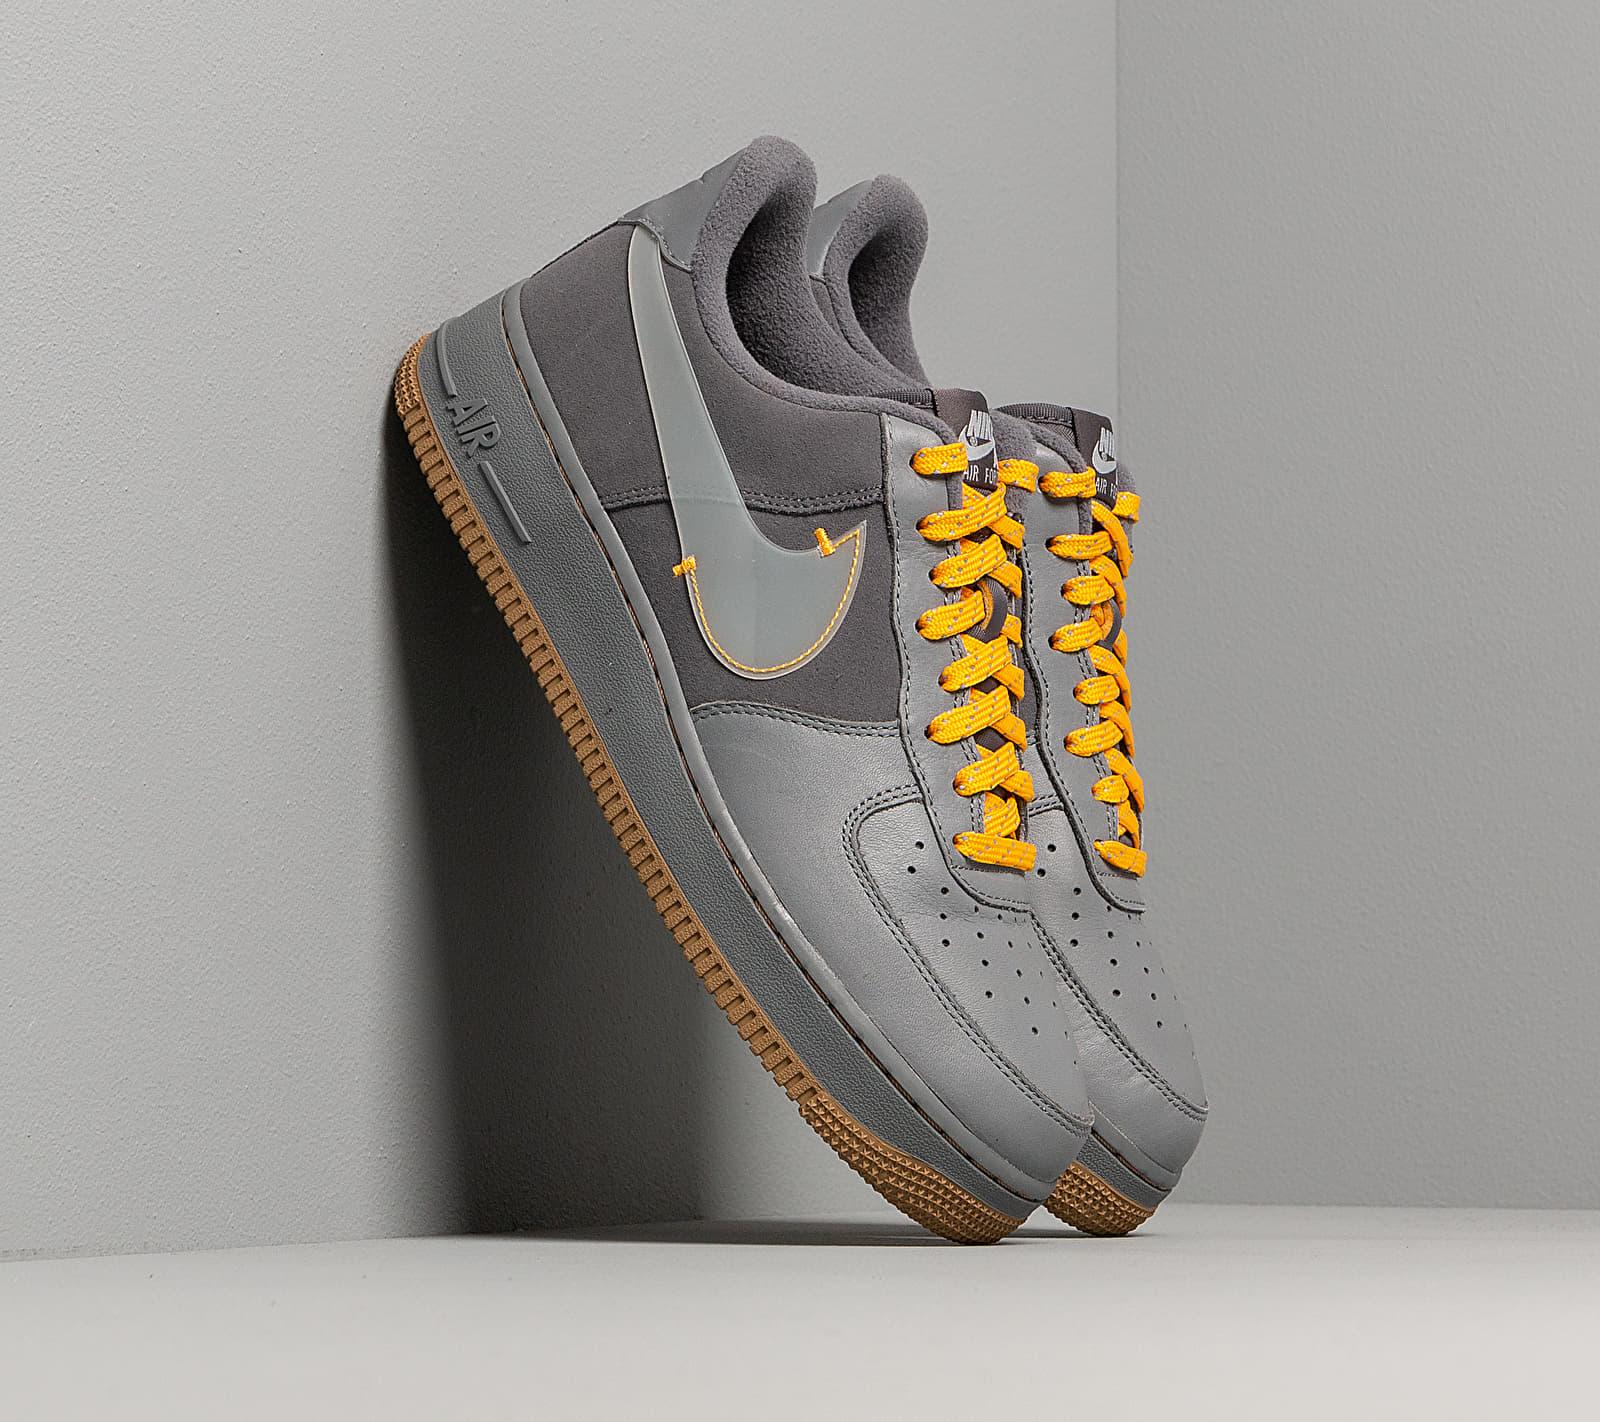 Nike Air Force 1 Premium Cool Grey/ Pure Platinum-Dark Grey EUR 42.5